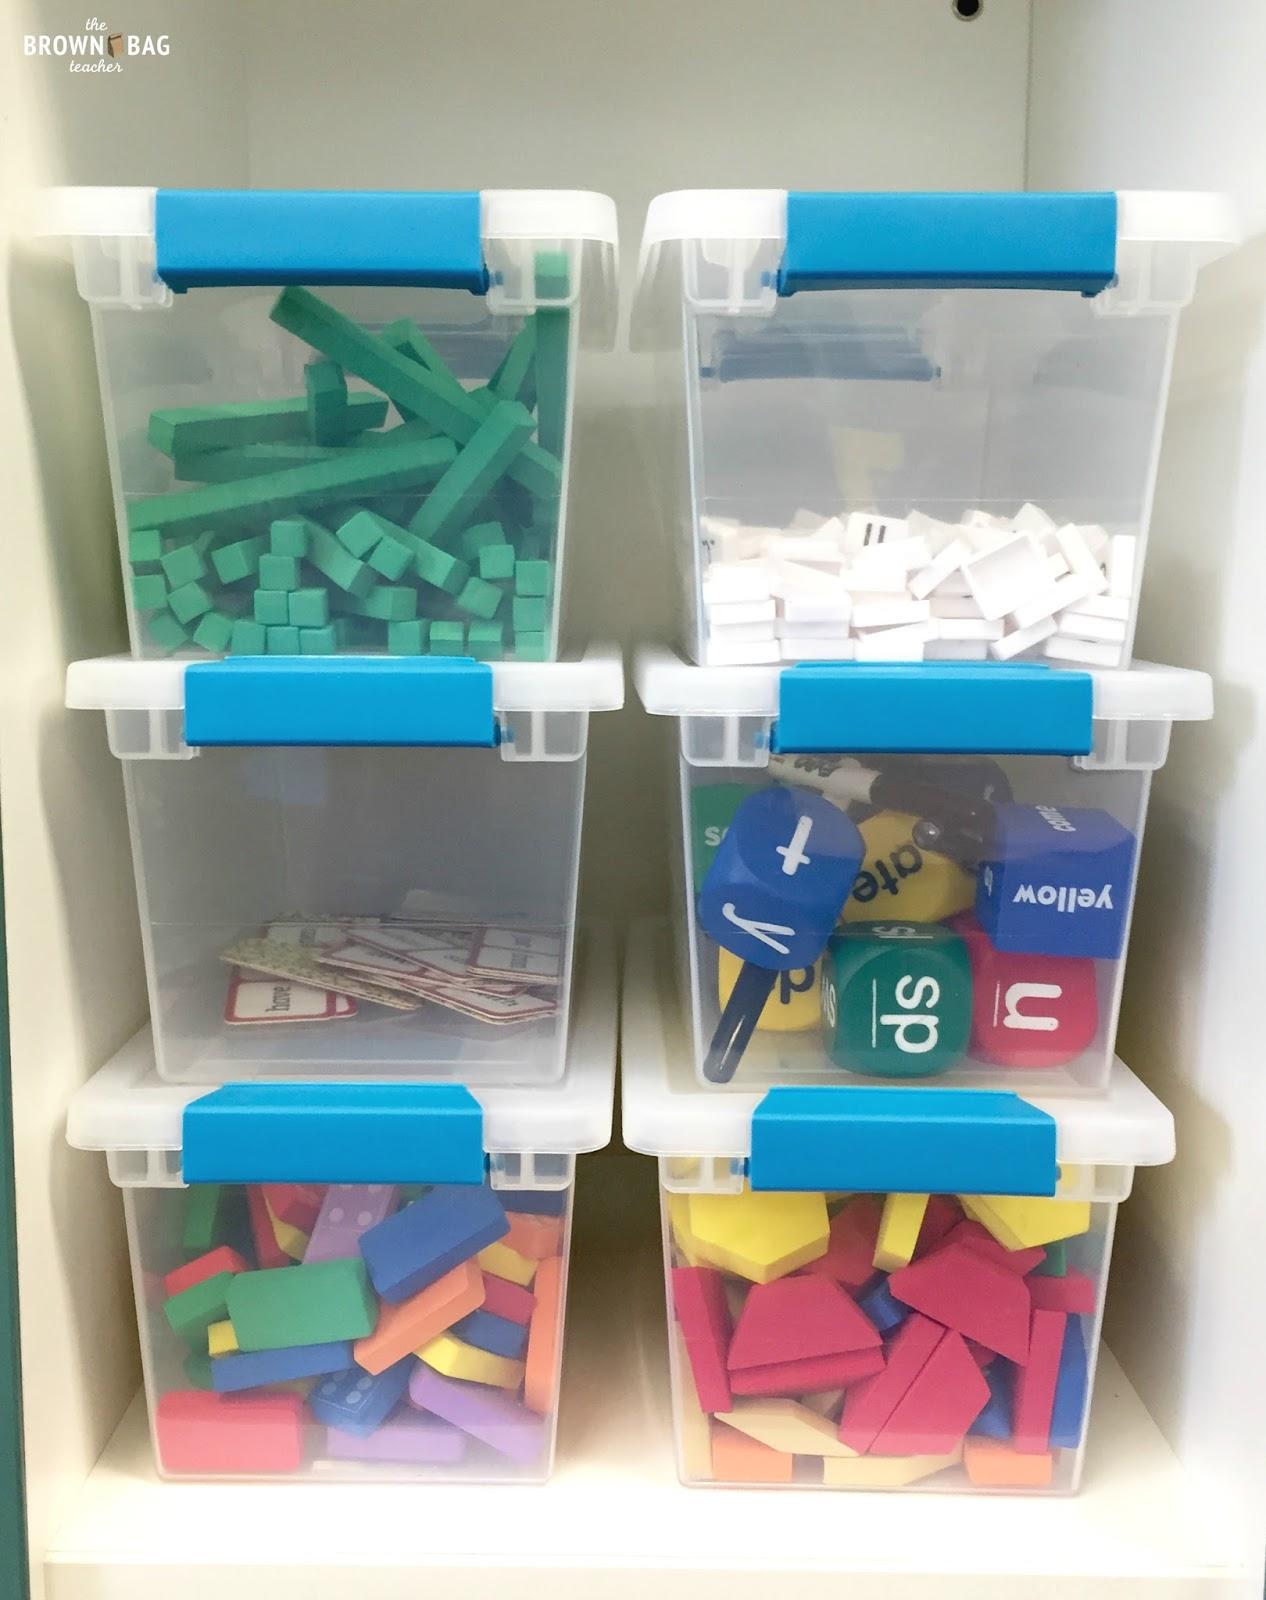 A 1st Grade Morning Work Alternative The Brown Bag Teacher - oukas.info